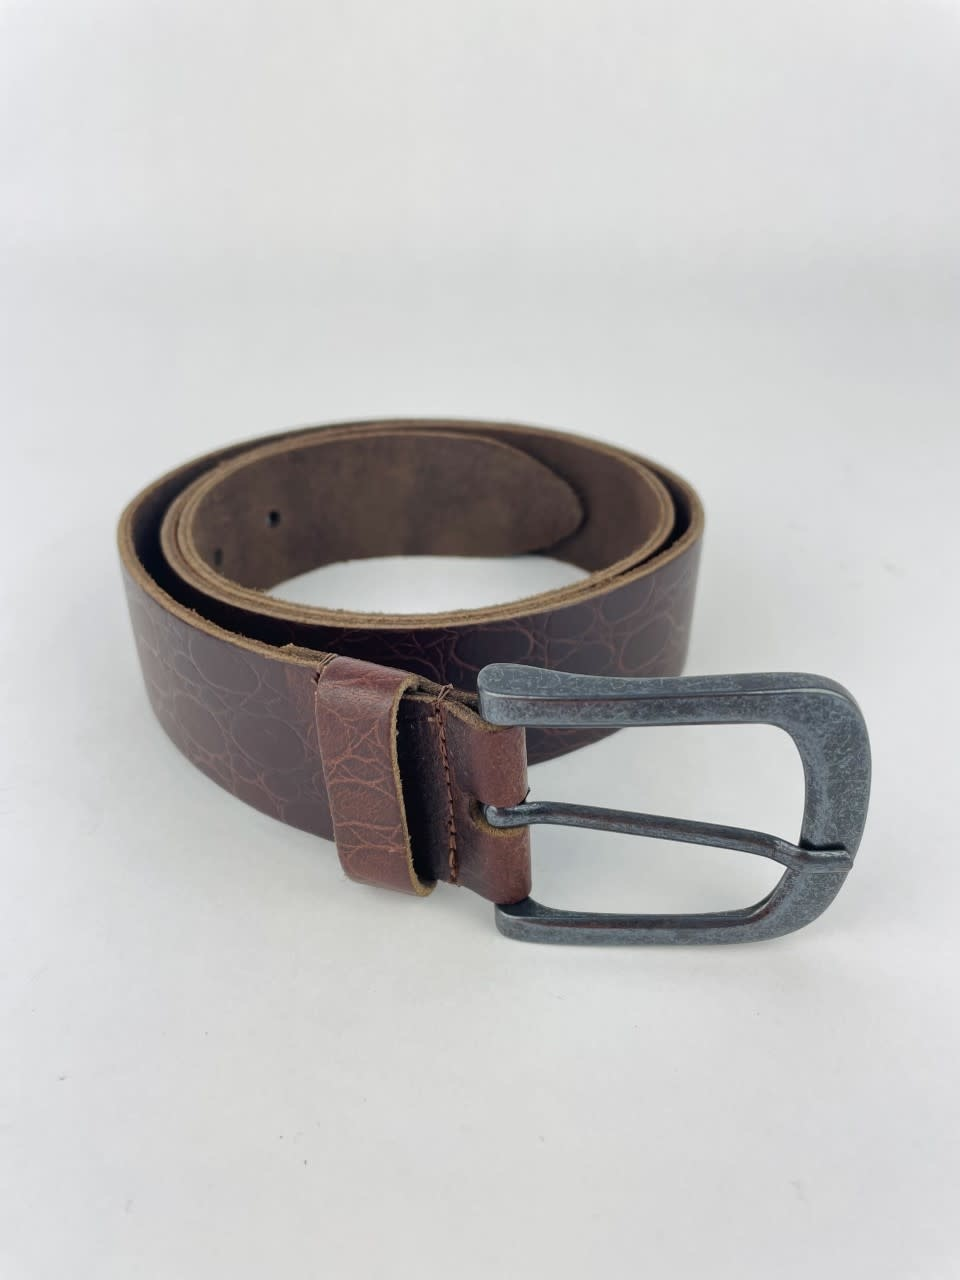 Crolette leather belt Brown-1